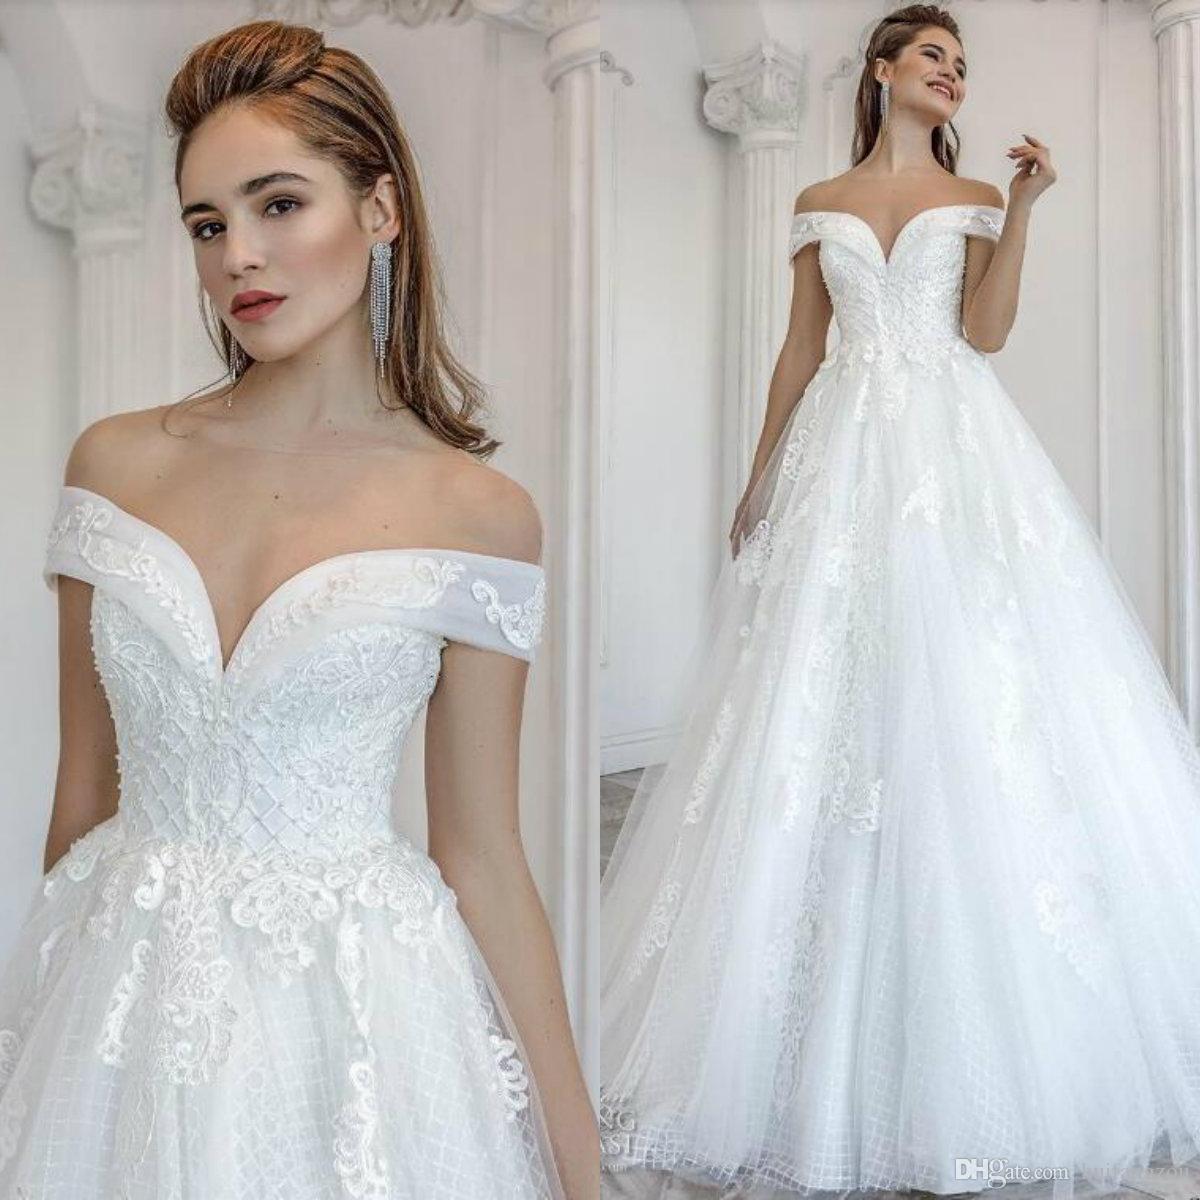 c55ab6e38f7 Discount 2019 Designer Wedding Dresses Robe De Mariée 2019 Off Shoulder Lace  Applique Tulle Beach Wedding Dress Lace Up Sexy Bridal Gowns Cheap Design  Your ...